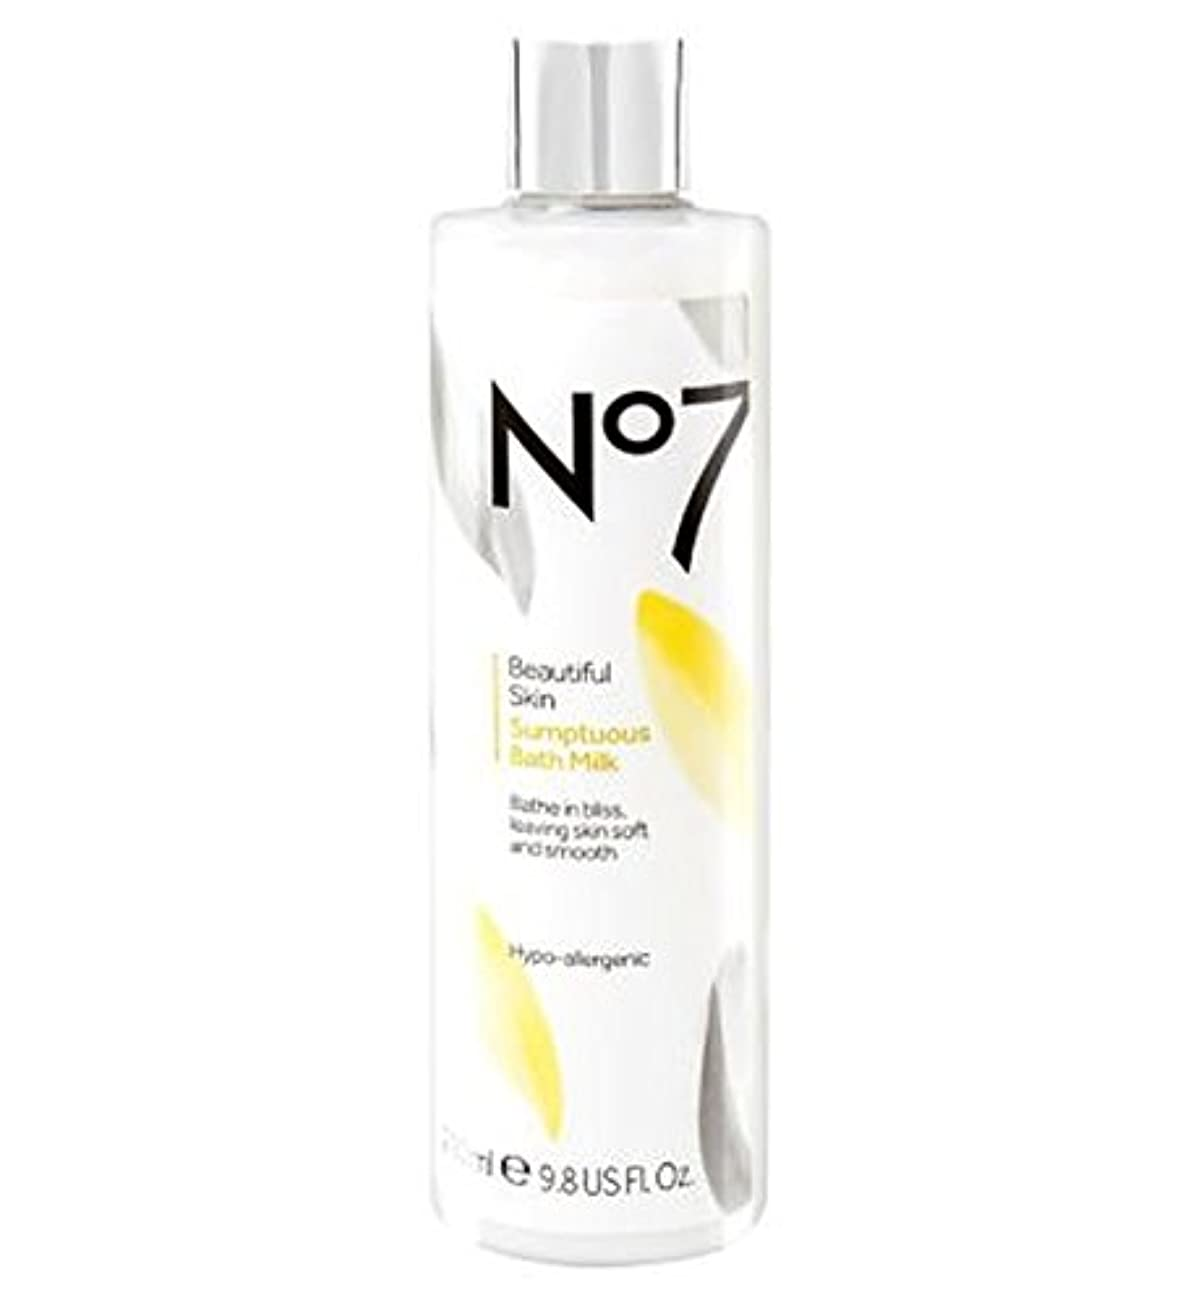 器用ストレッチ下手No7美しい肌豪華なバスミルク (No7) (x2) - No7 Beautiful Skin Sumptuous Bath Milk (Pack of 2) [並行輸入品]